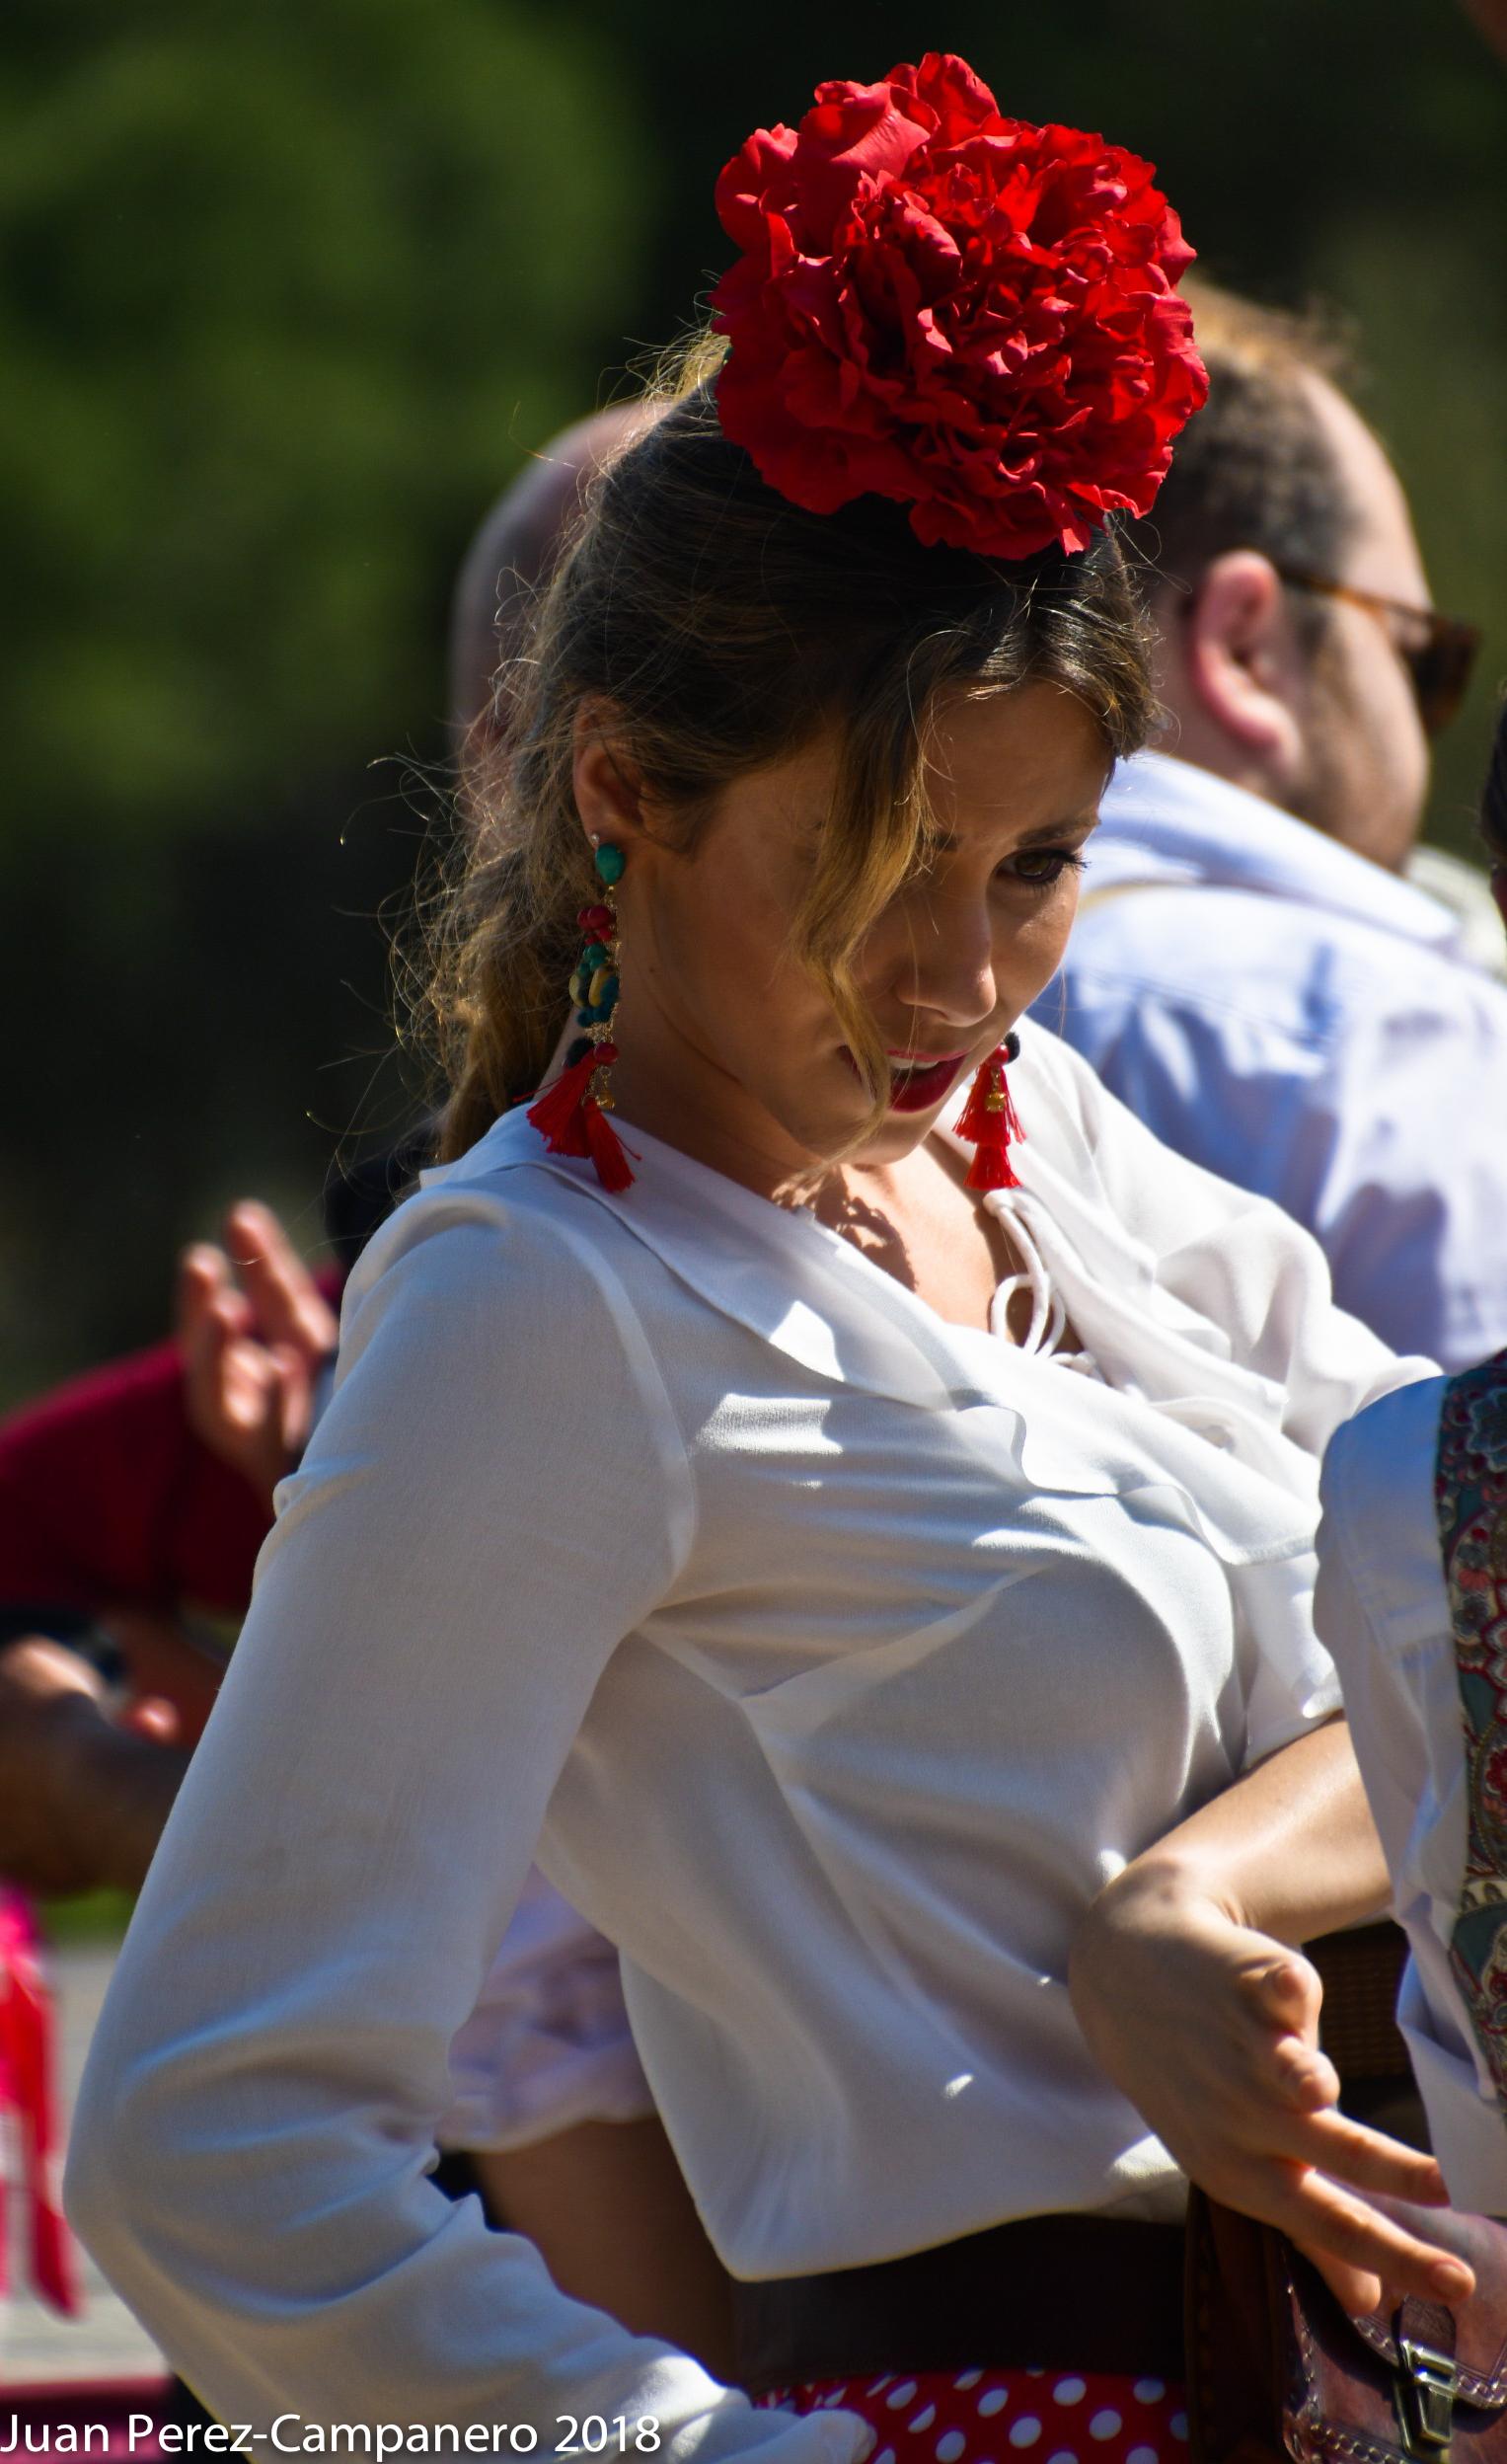 romeria-rociera---613jpg_41284612144_o